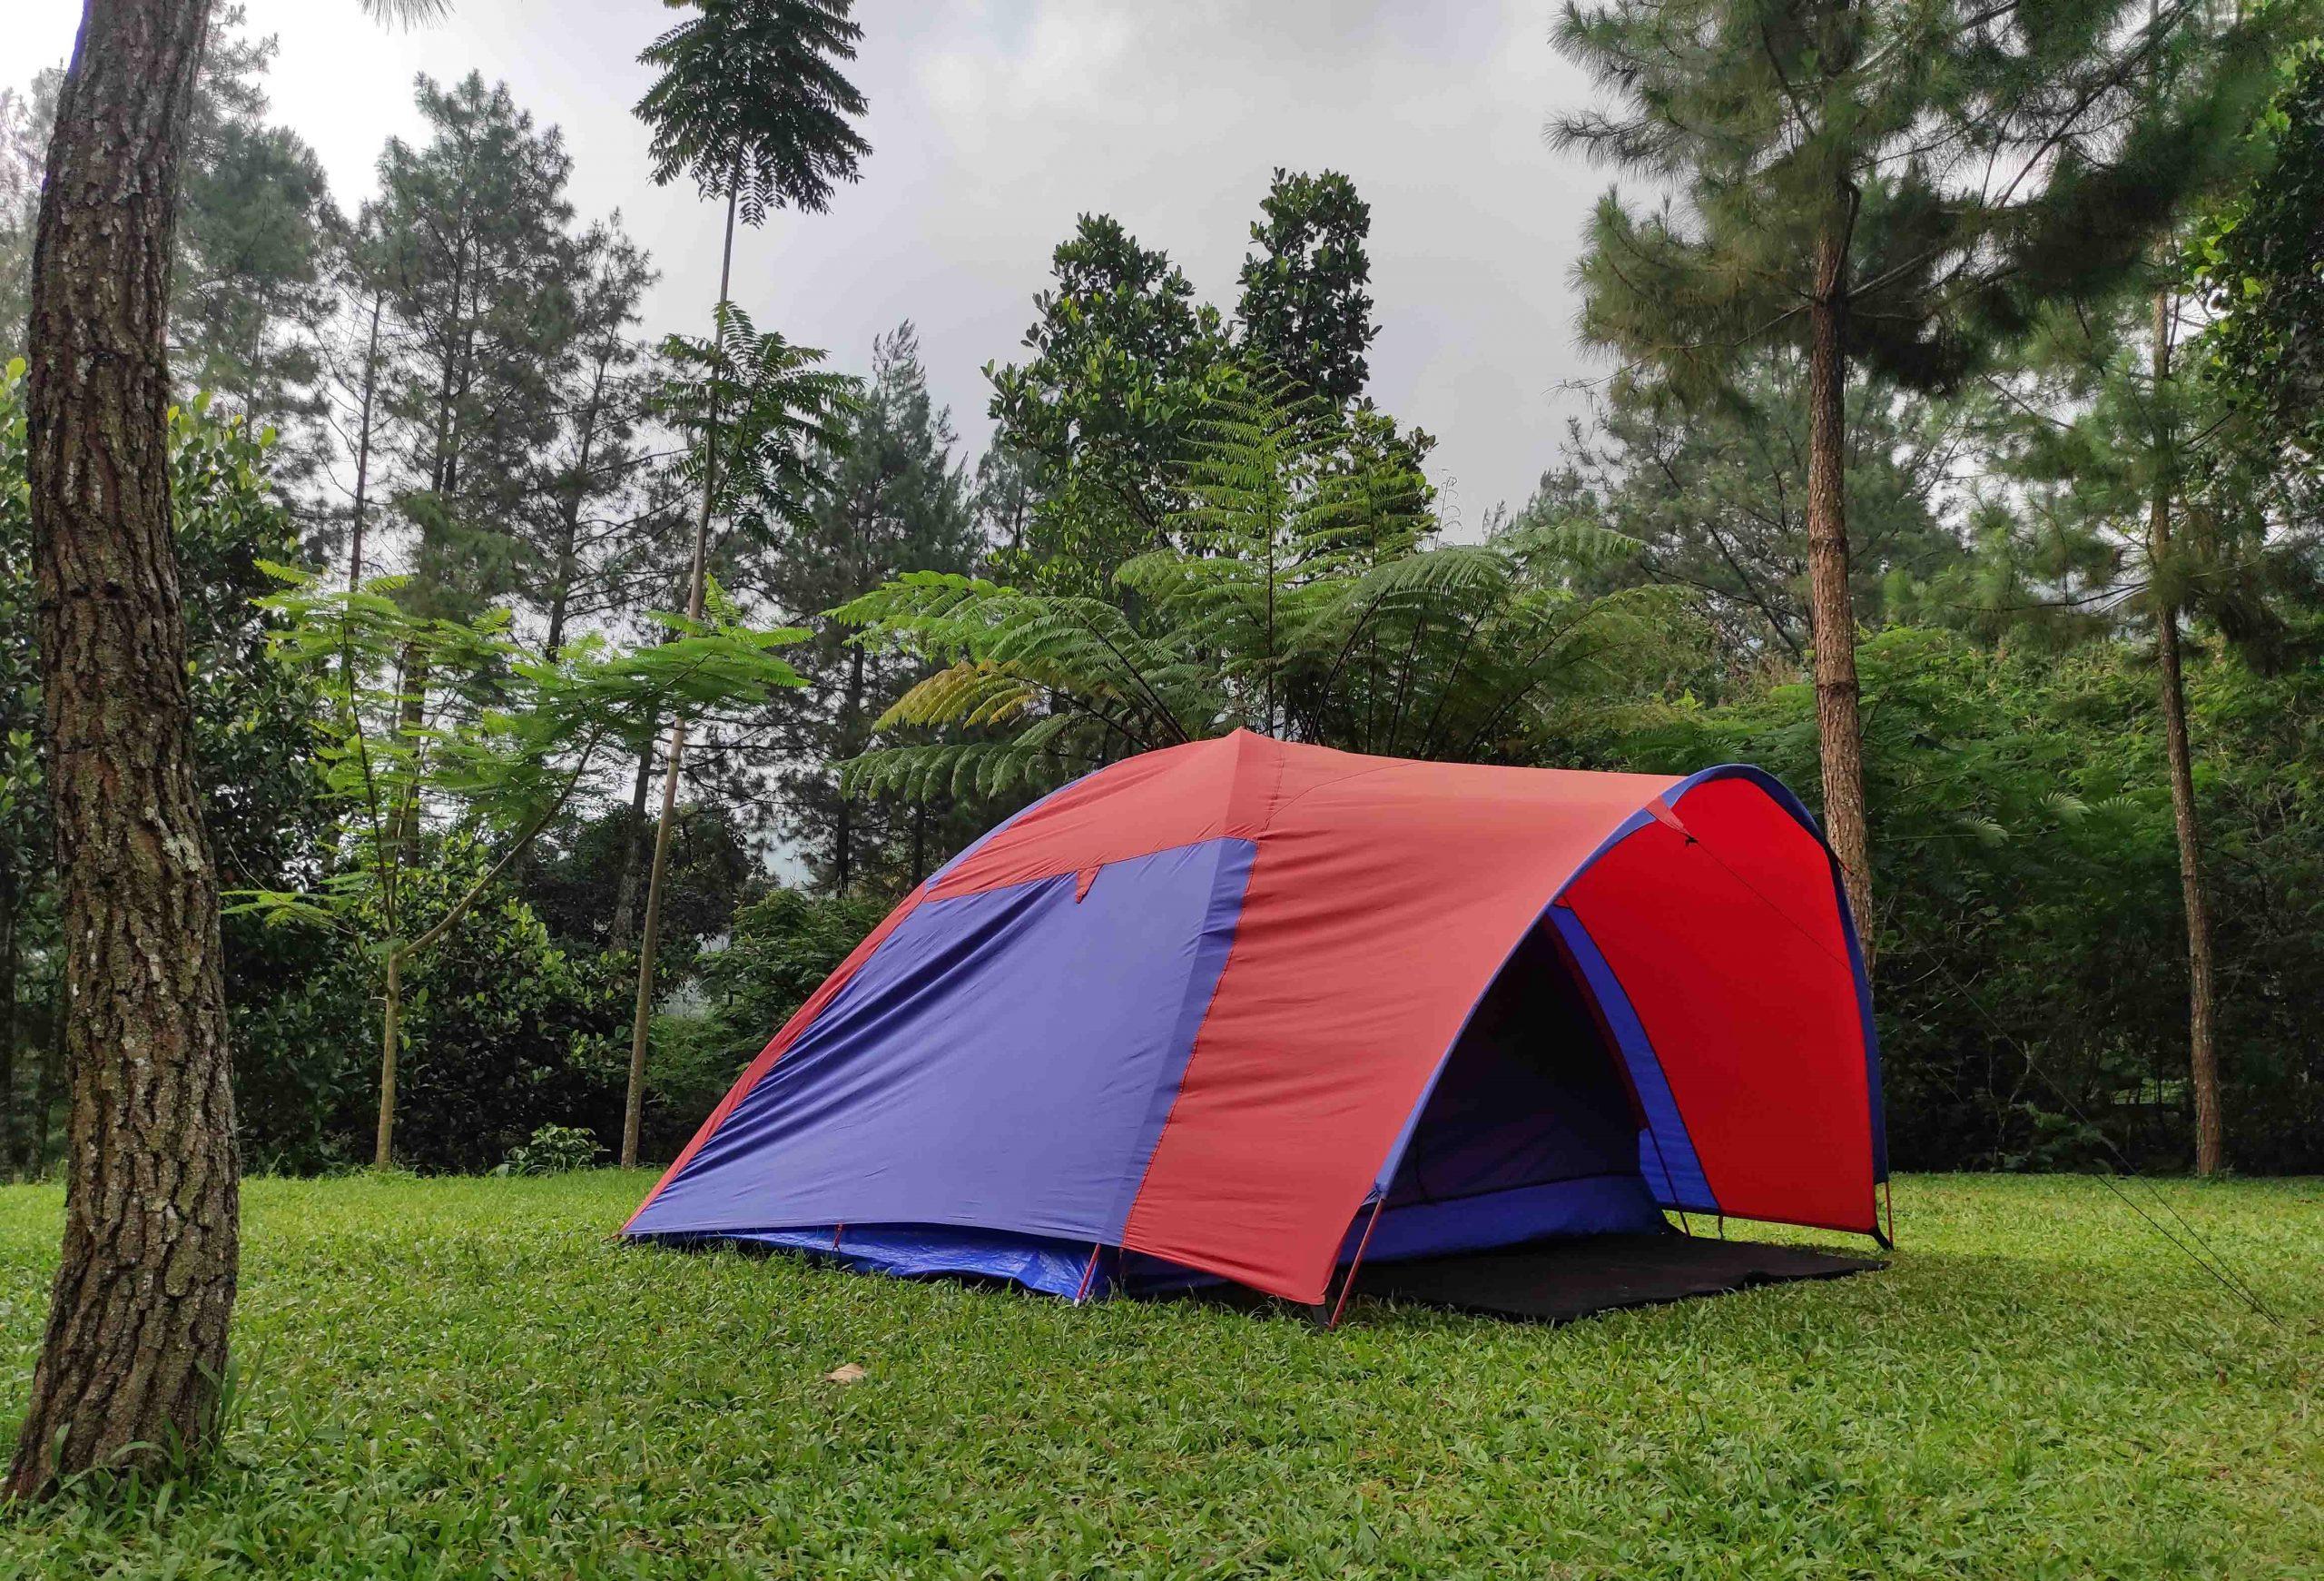 curug panjang camping ground